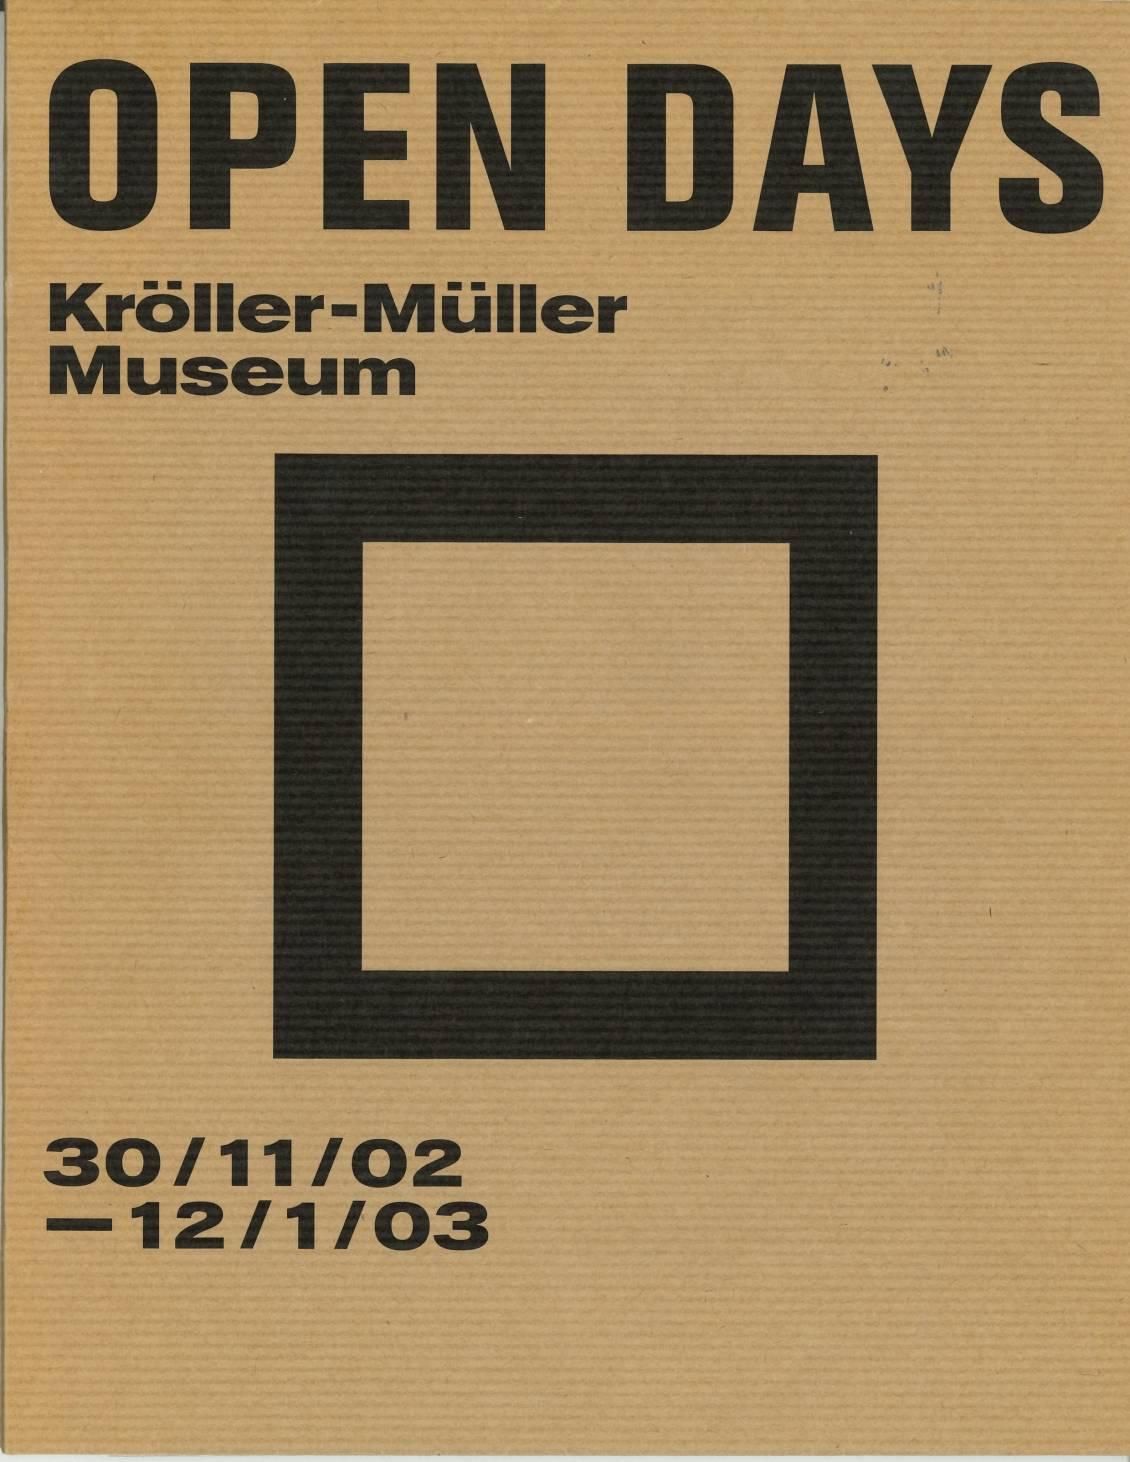 ROMA Publications, Open days; Kröller-Müller Museum, 2002